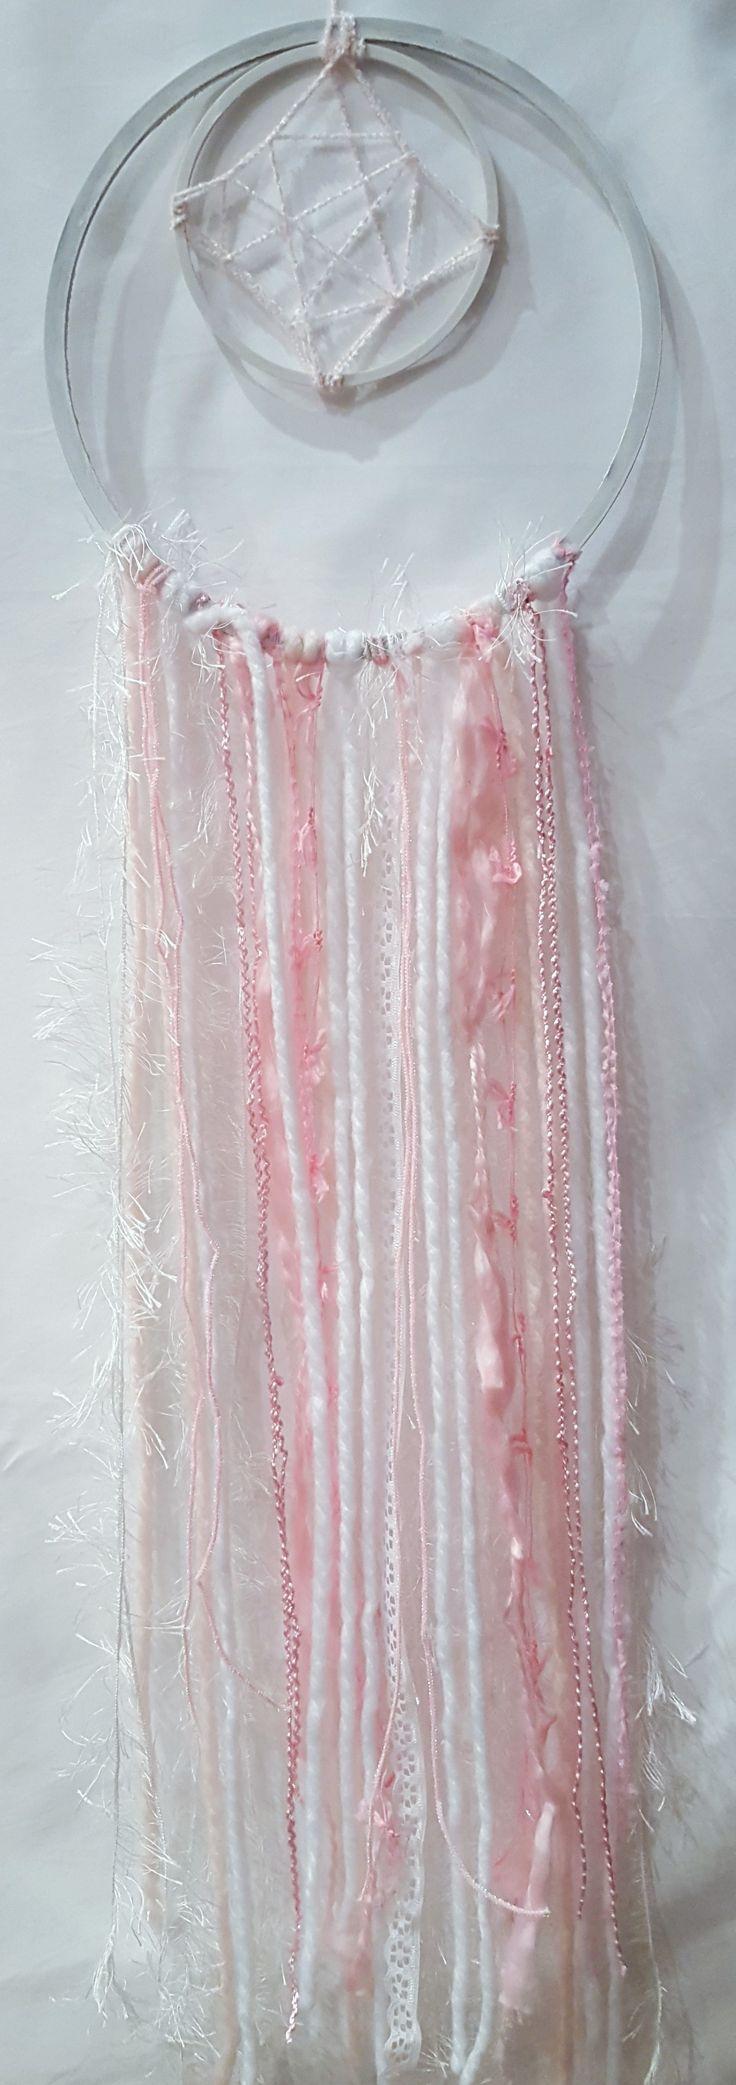 Pink macrame wall hanging art